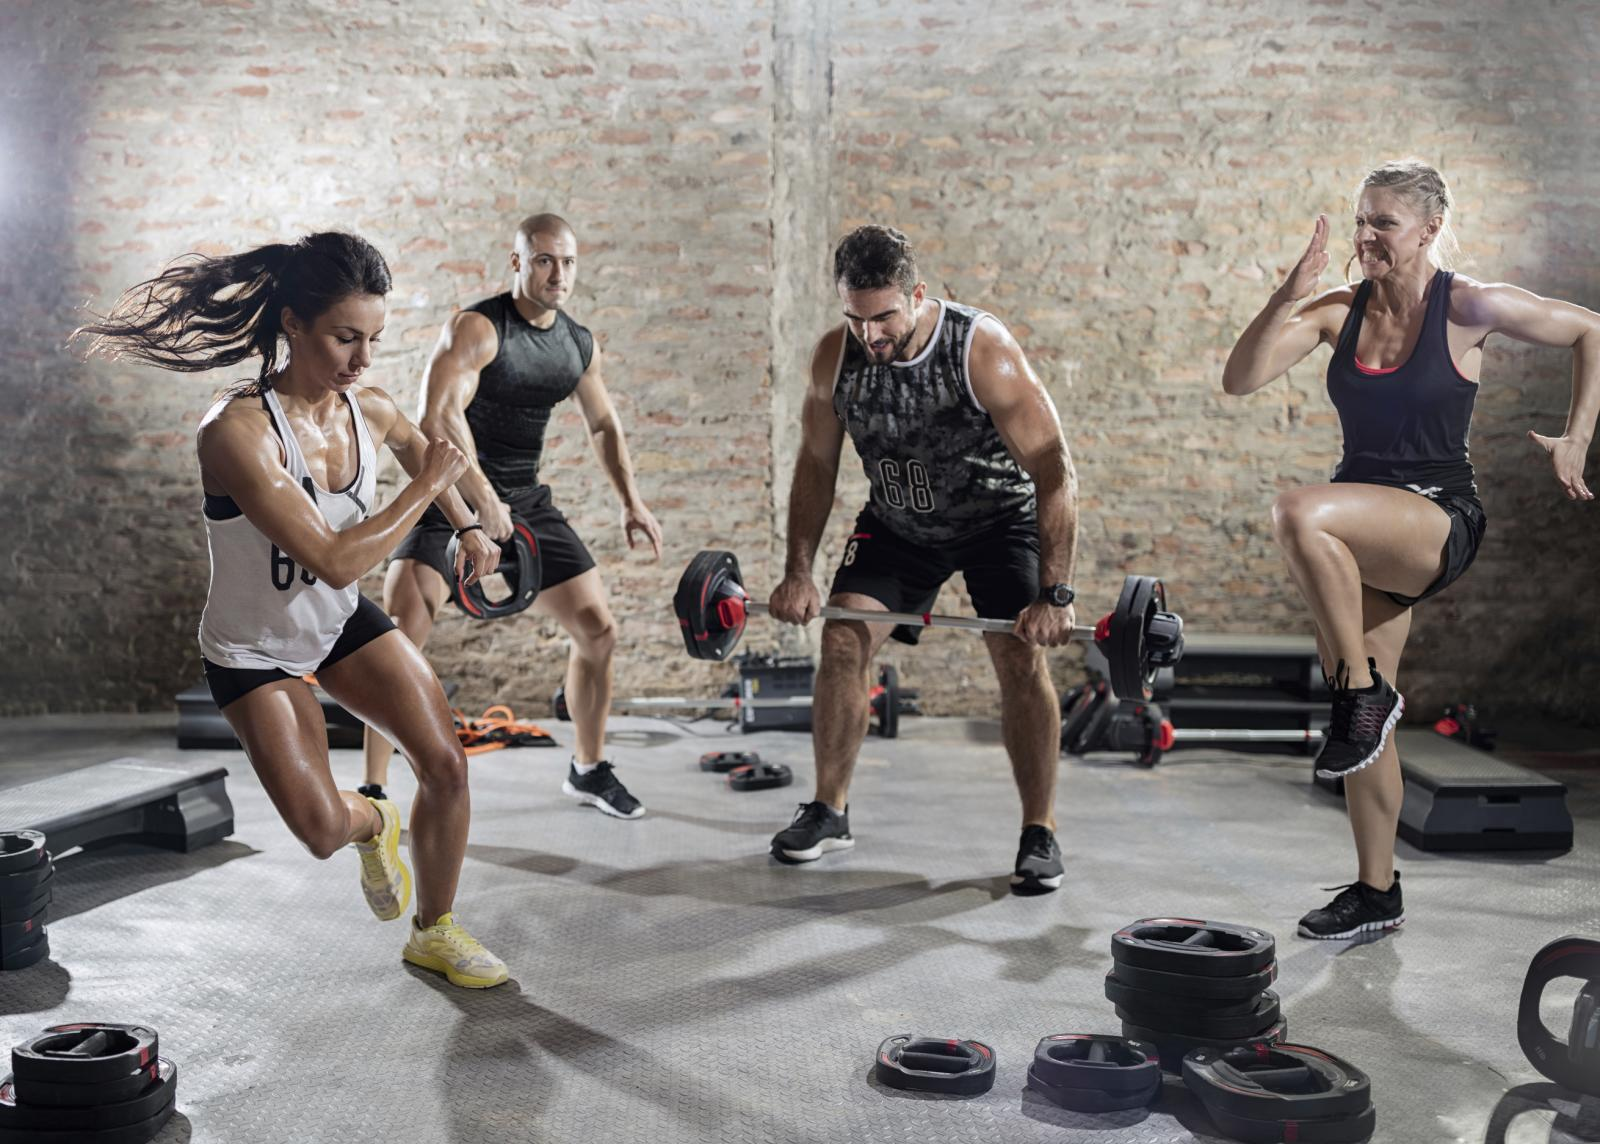 Kako biste sagorjeli prekomjernu masnoću, složite plan vježbanja koji uključuje elemente kardio vježbi i vježbi snage jer samo trbušnjaci neće otopiti mast s trbuha.